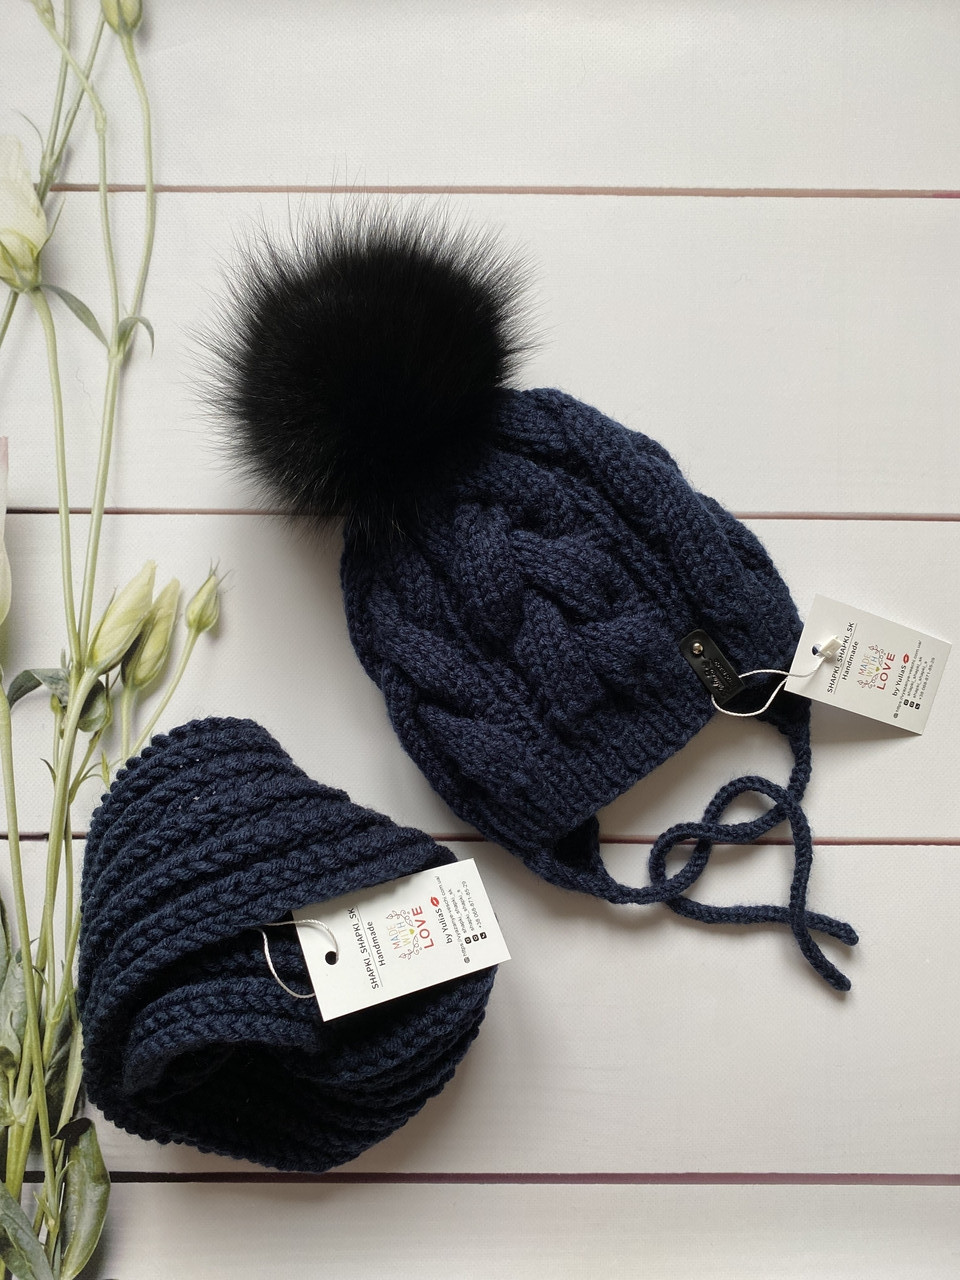 Дитячий набір шапка на зав'язках з натуральним бубоном і снуд для хлопчика і дівчинки ручної роботи.